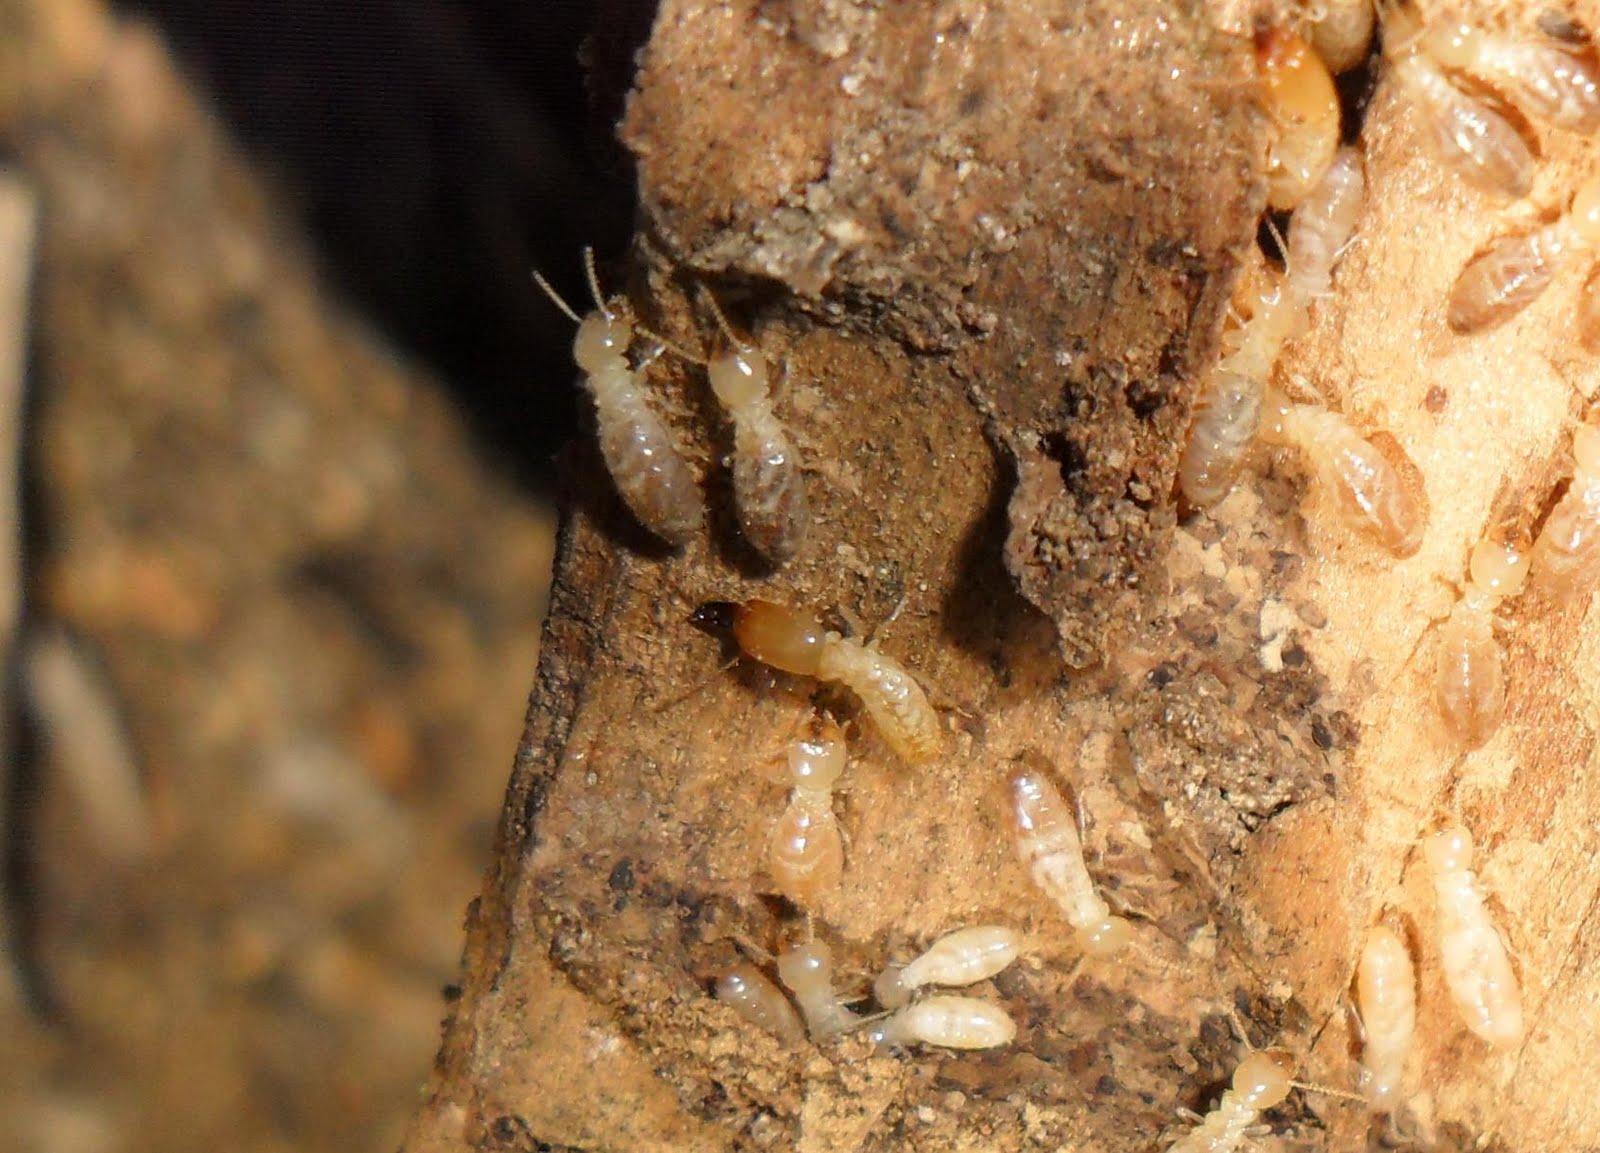 Hormigas Amarillas: Crematogaster scutellaris vs Reticulitermes sp.